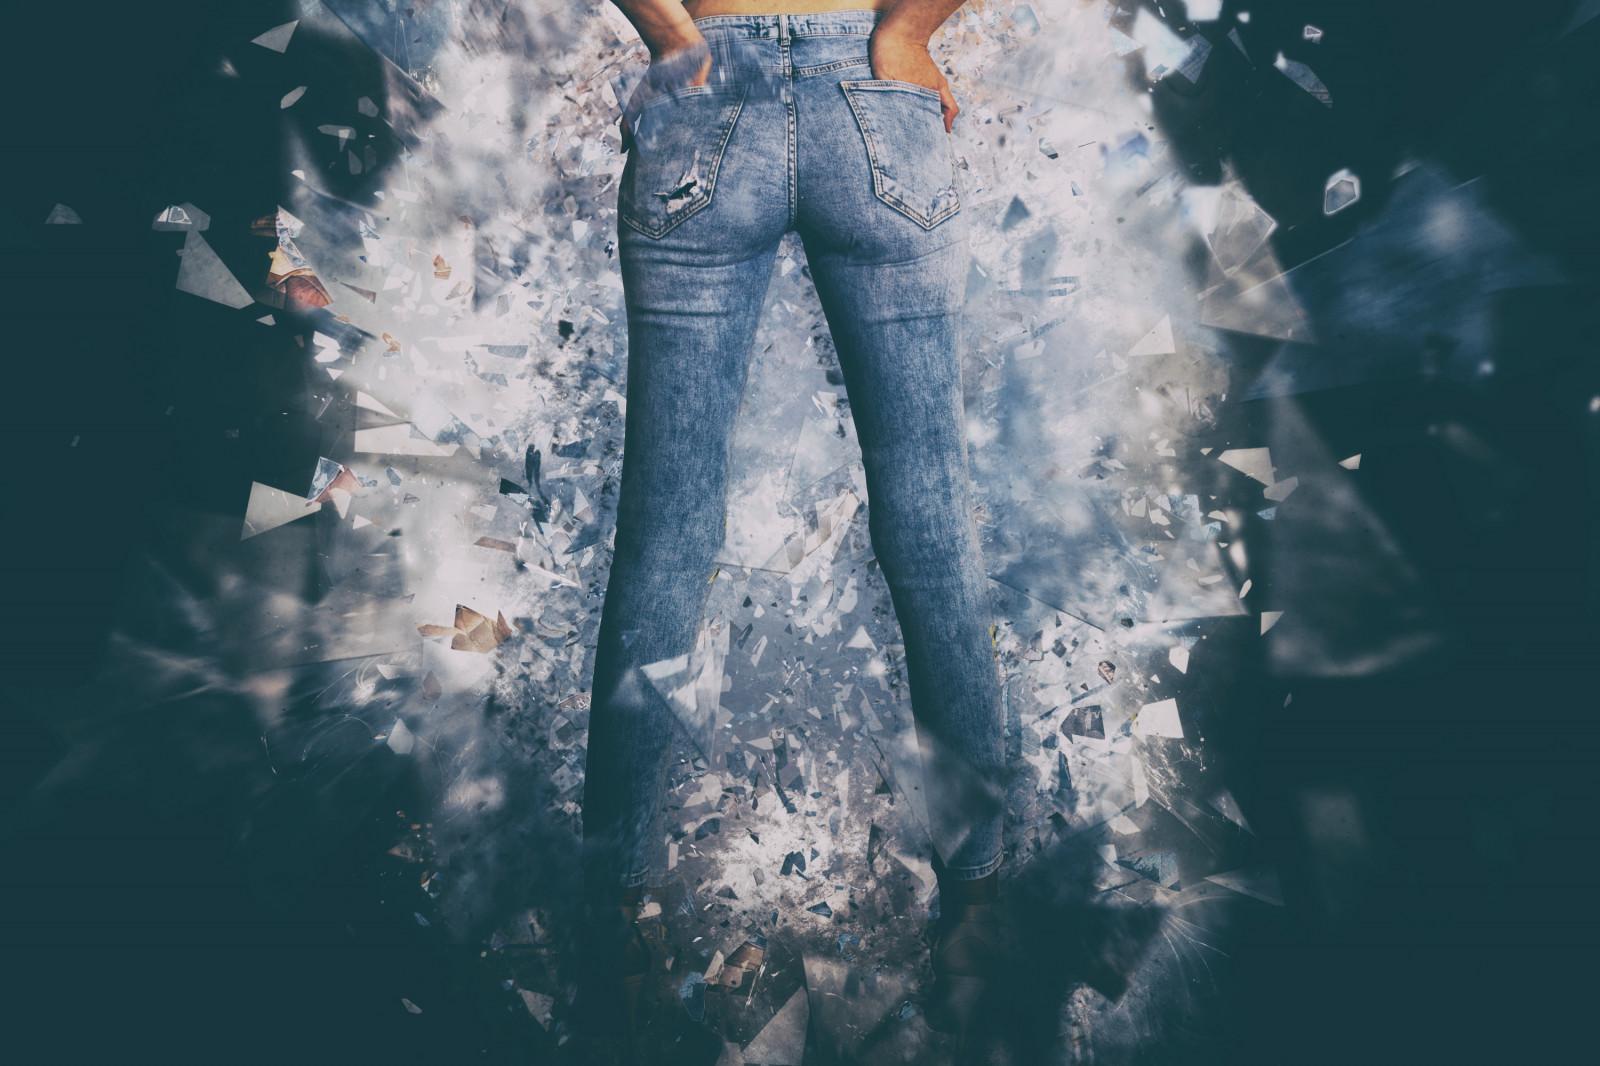 Это раздвинула ноги в джинсах